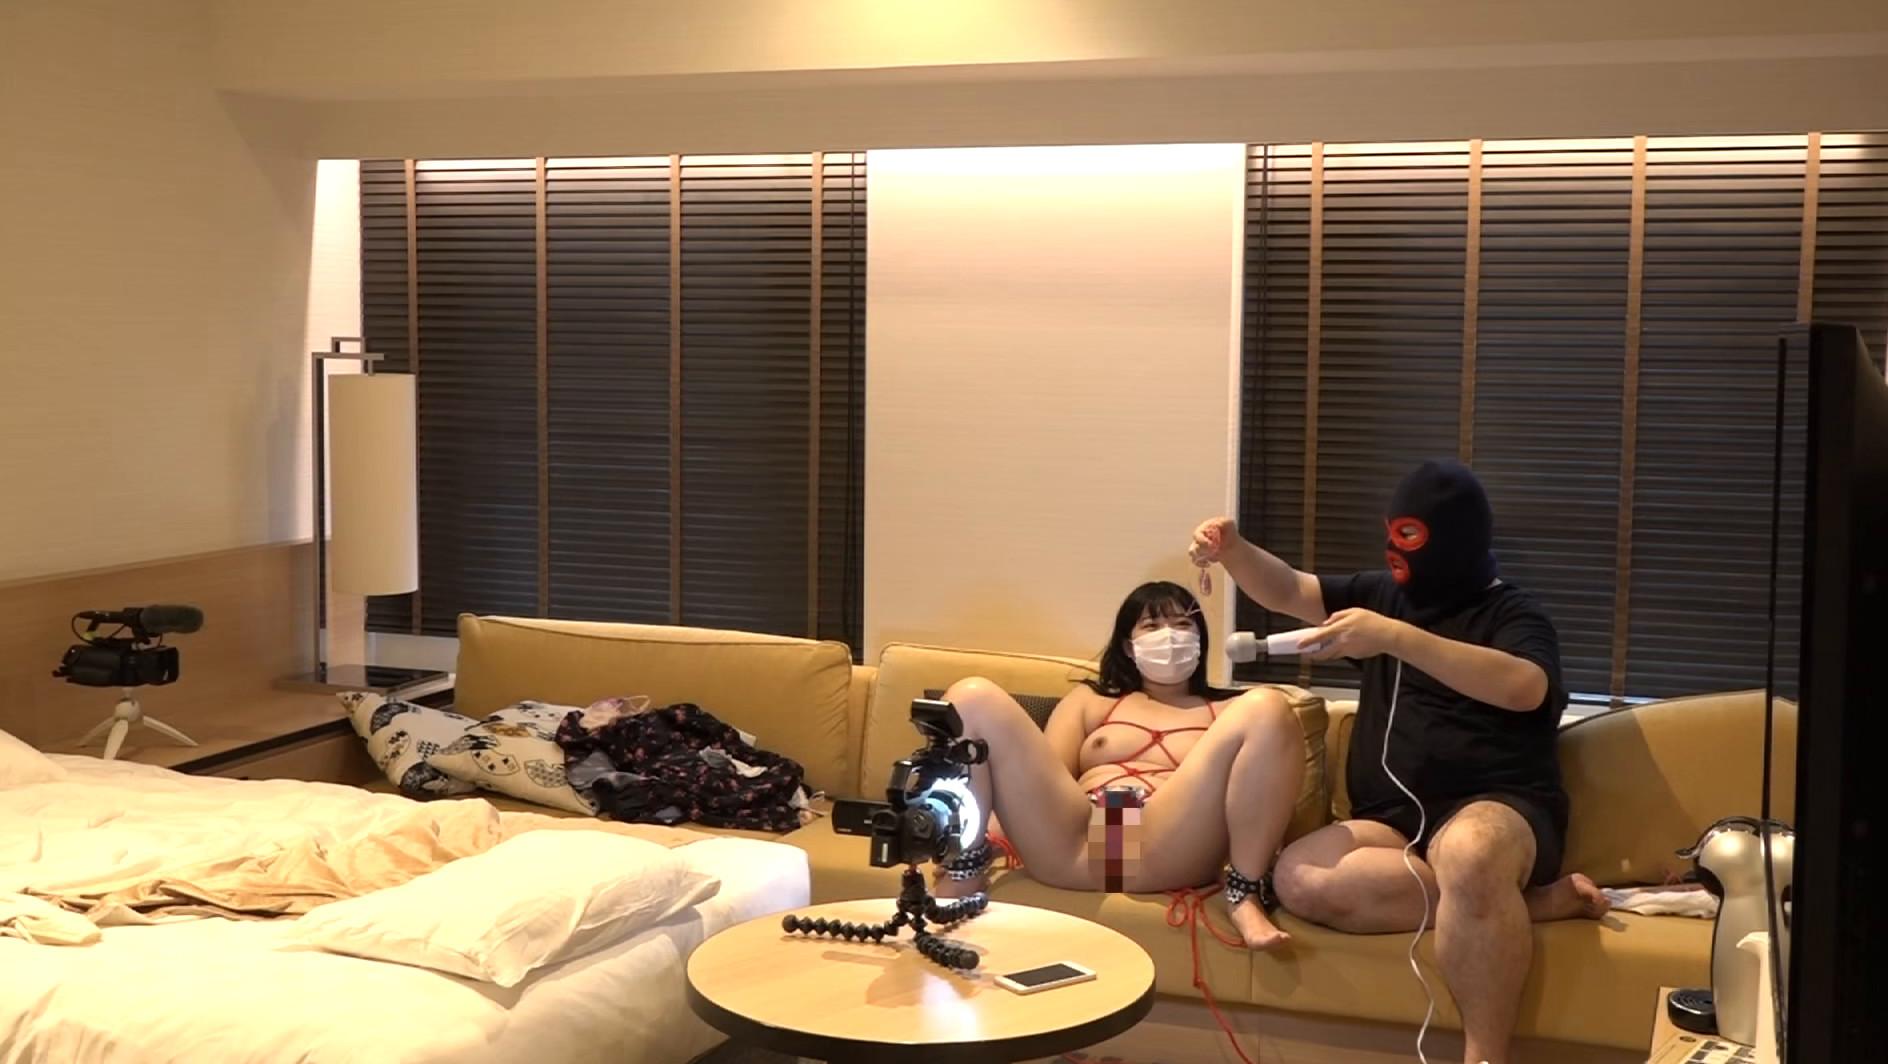 マスク着用を条件に自宅でエッチな撮影を了承してくれた普通の女子大生 ももちゃん 22歳,のサンプル画像21